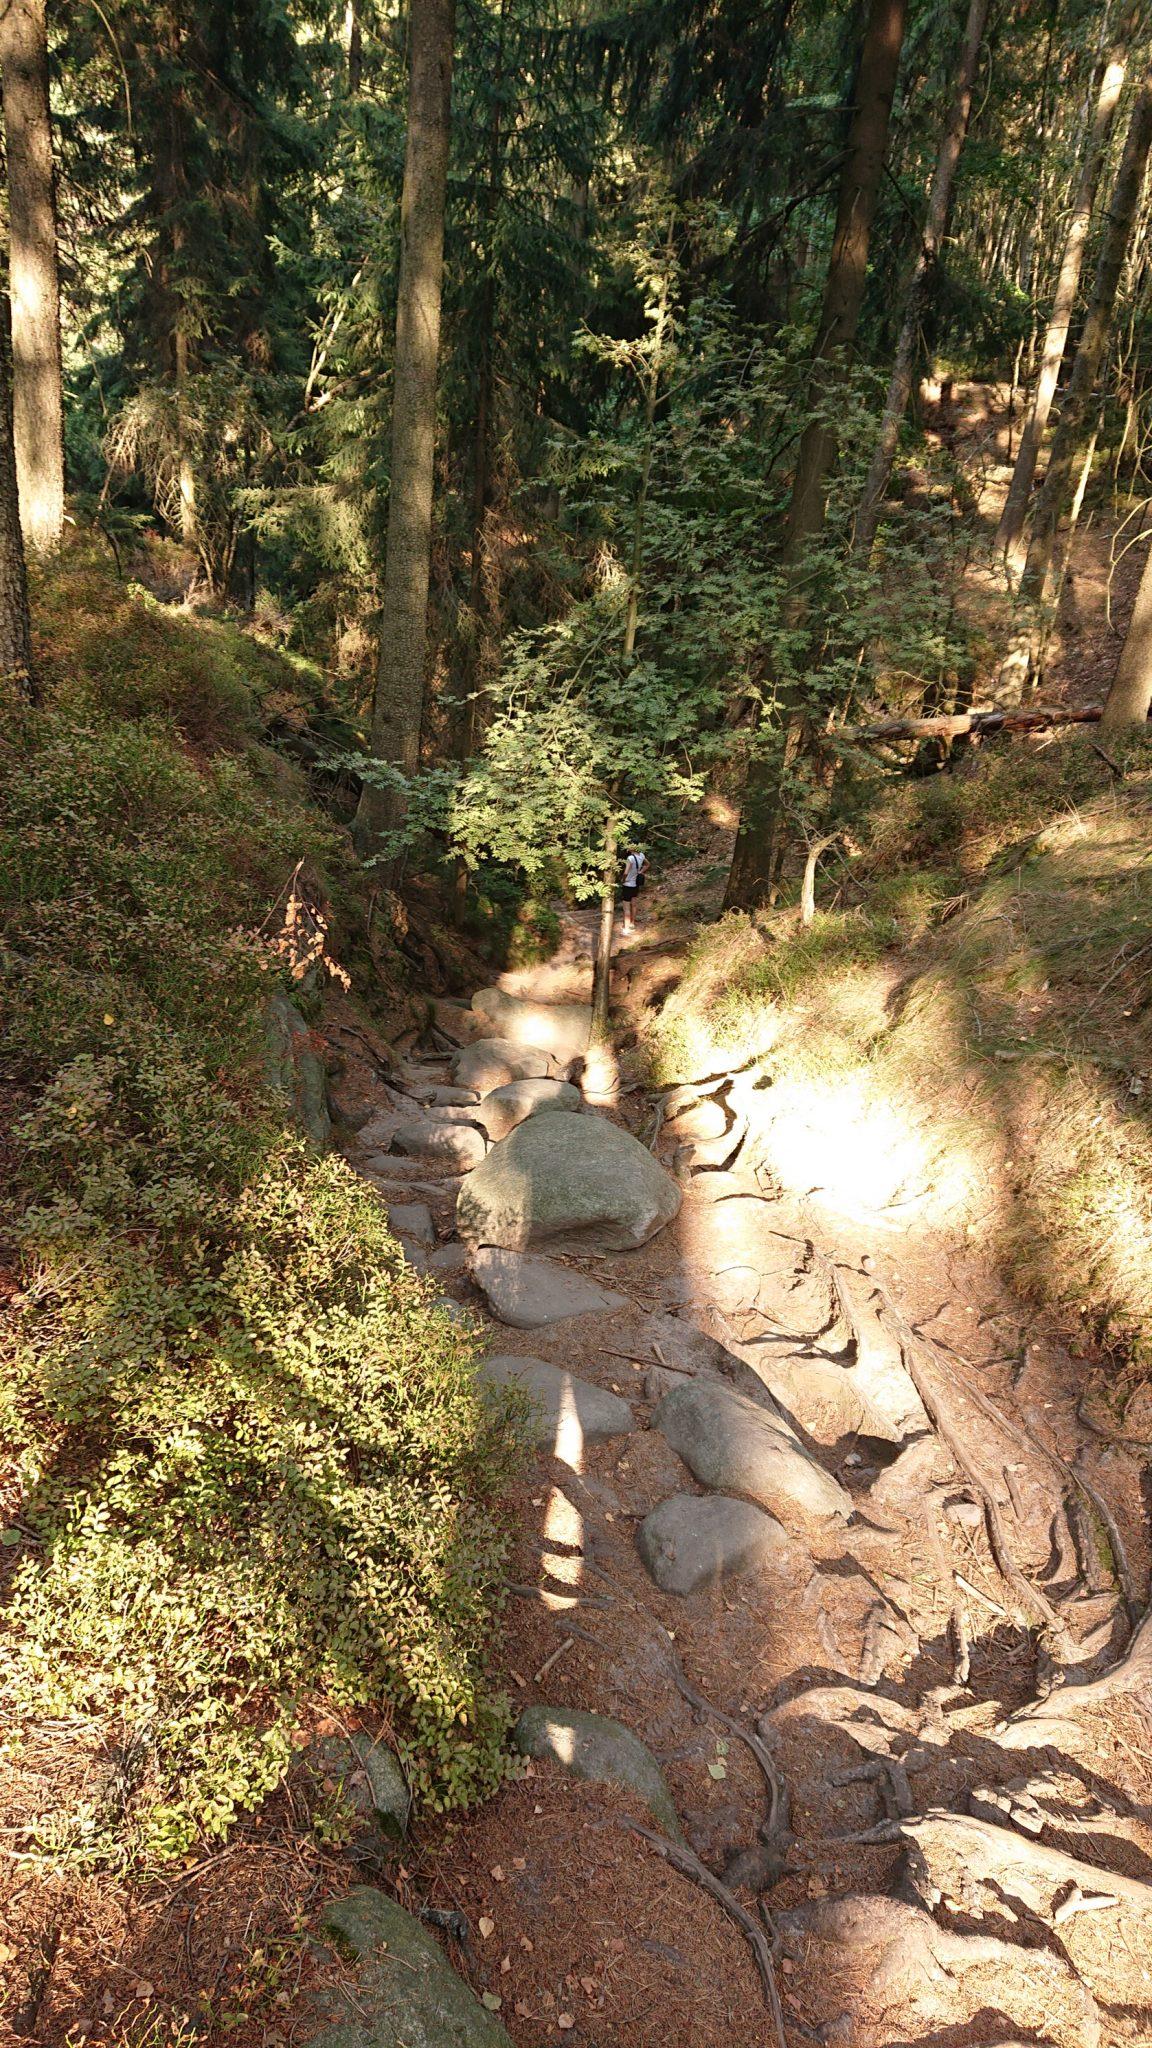 Affensteinweg Frienstein Carolafelsen und Wilde Hölle, Wanderweg im Wanderparadies Sächsische Schweiz mit vielen tollen Aussichten, riesiger Felsennationalpark, schöner Wald, abwechslungsreiche, felsige Wege